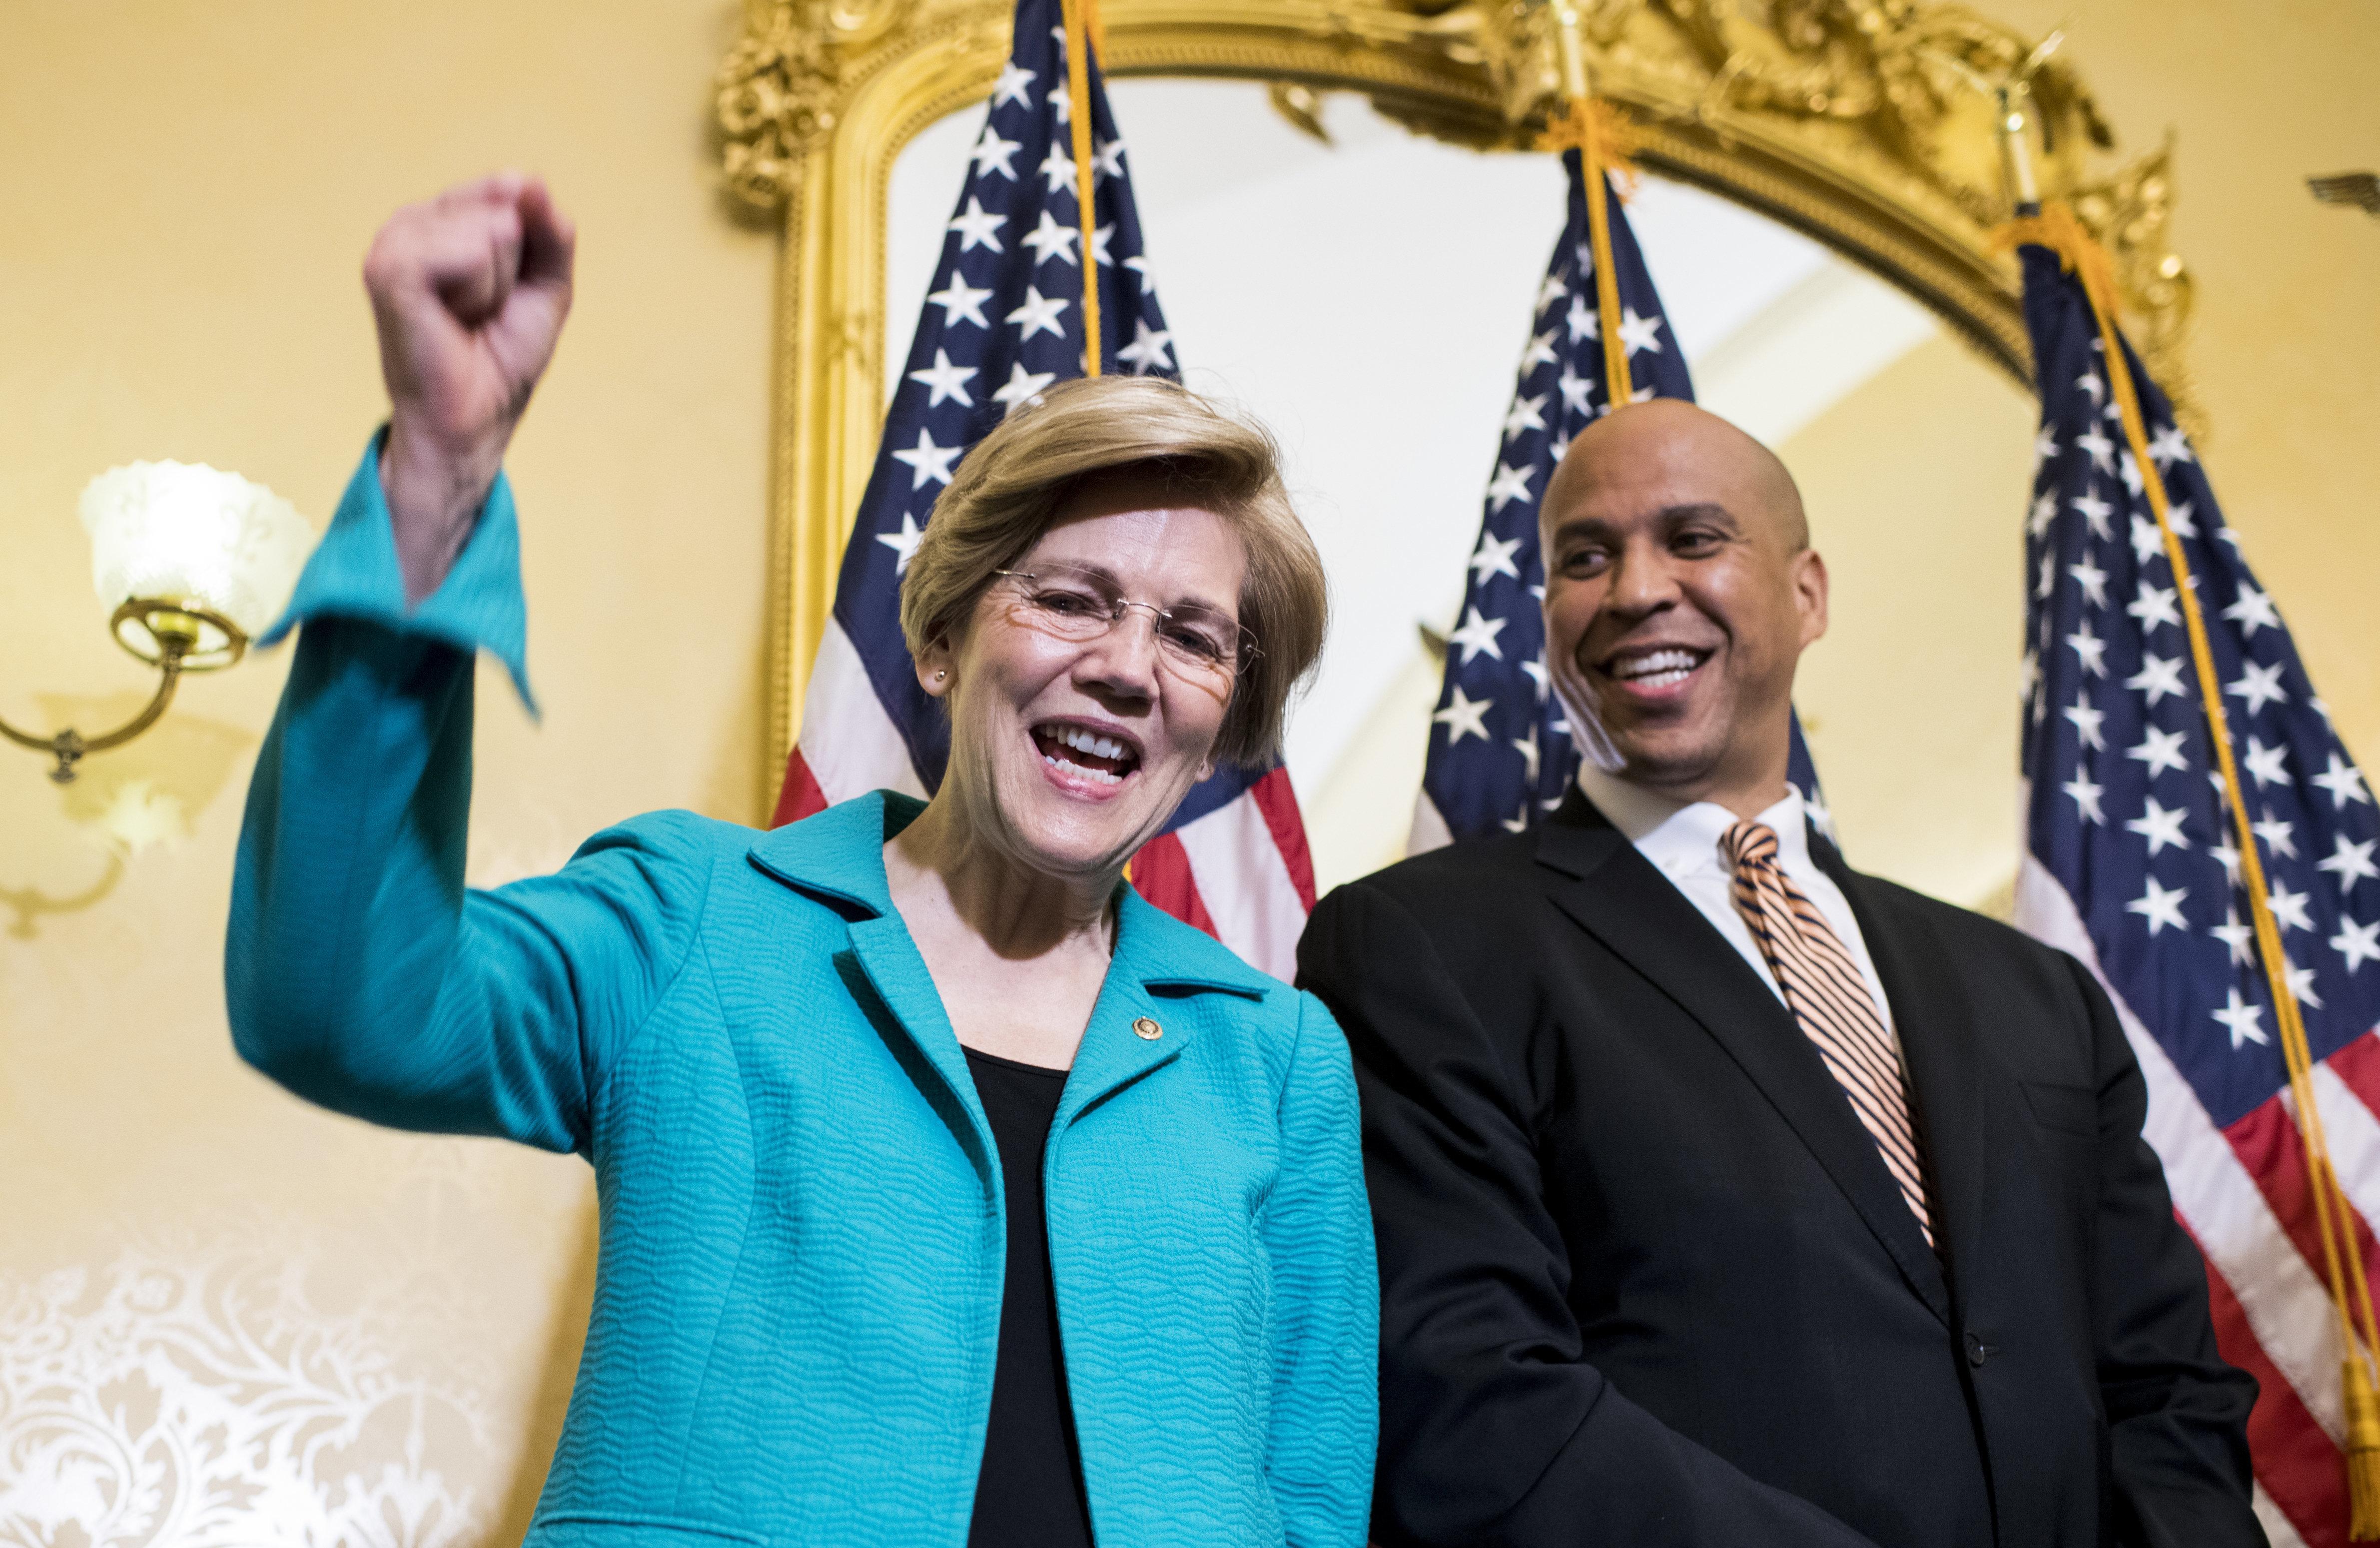 부커 vs 워렌 : 2020 미국 대선에 임하는 민주당 앞에 놓인 두 개의